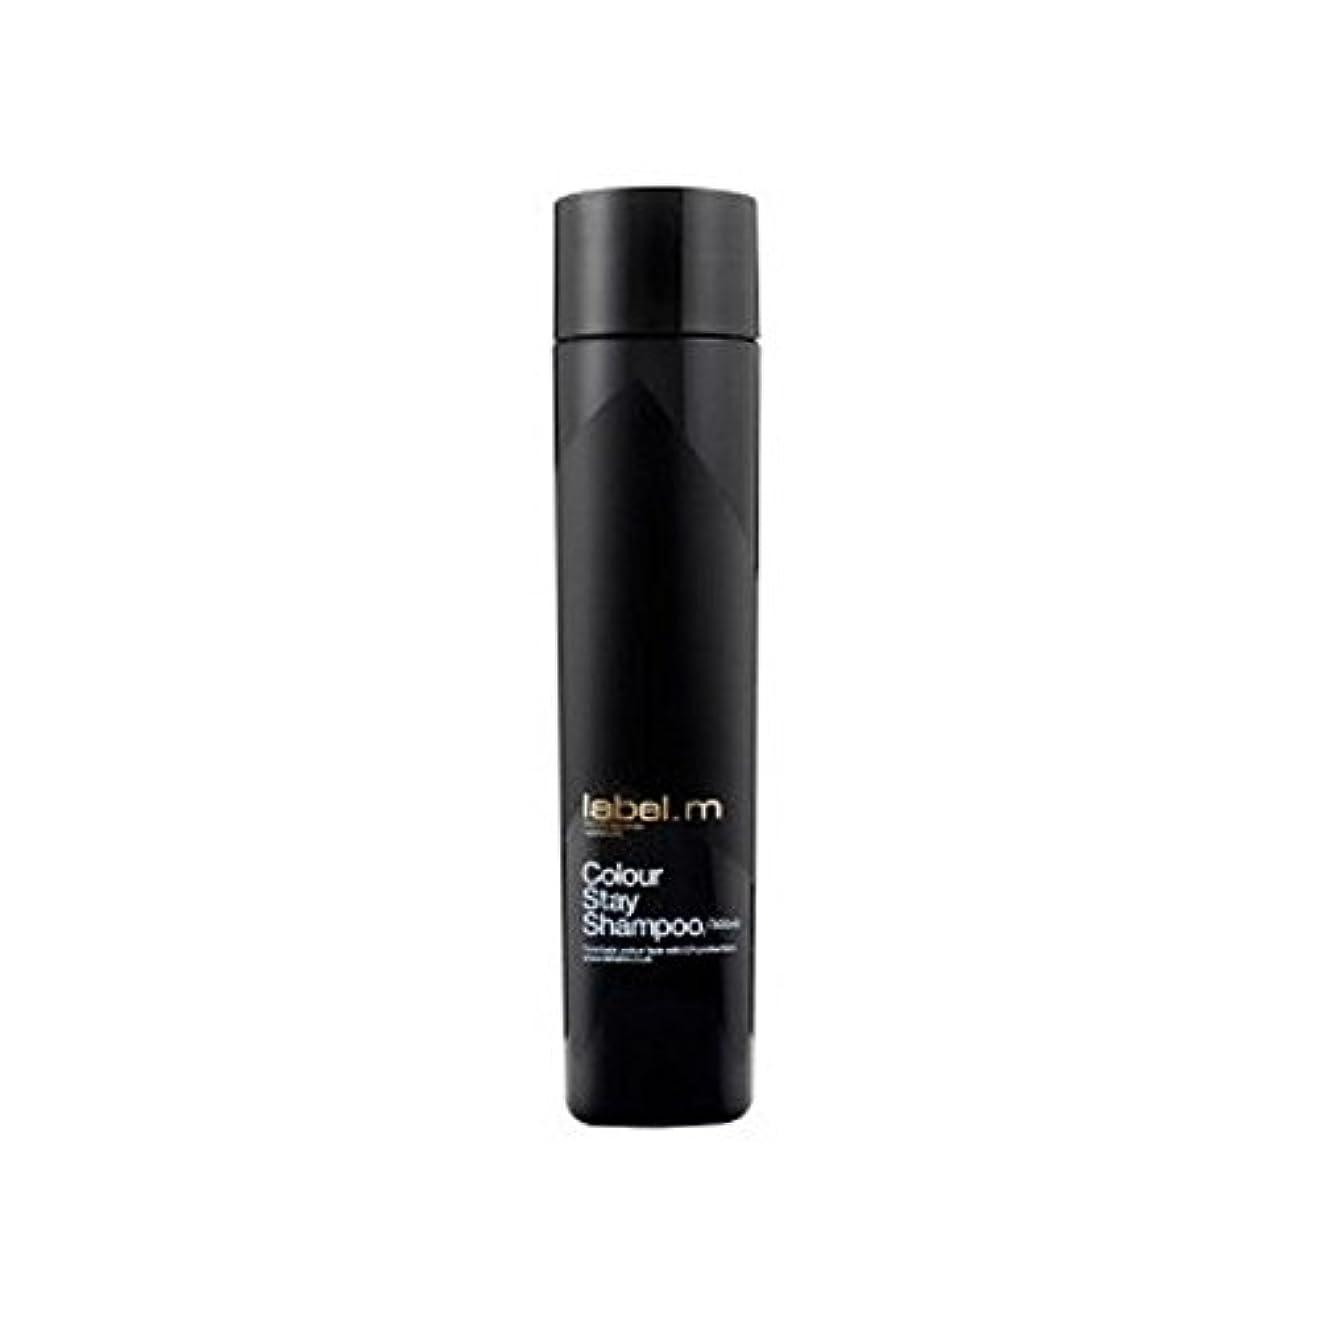 トライアスリートランチスポーツをするLabel.M Colour Stay Shampoo (300ml) - .カラーステイシャンプー(300ミリリットル) [並行輸入品]